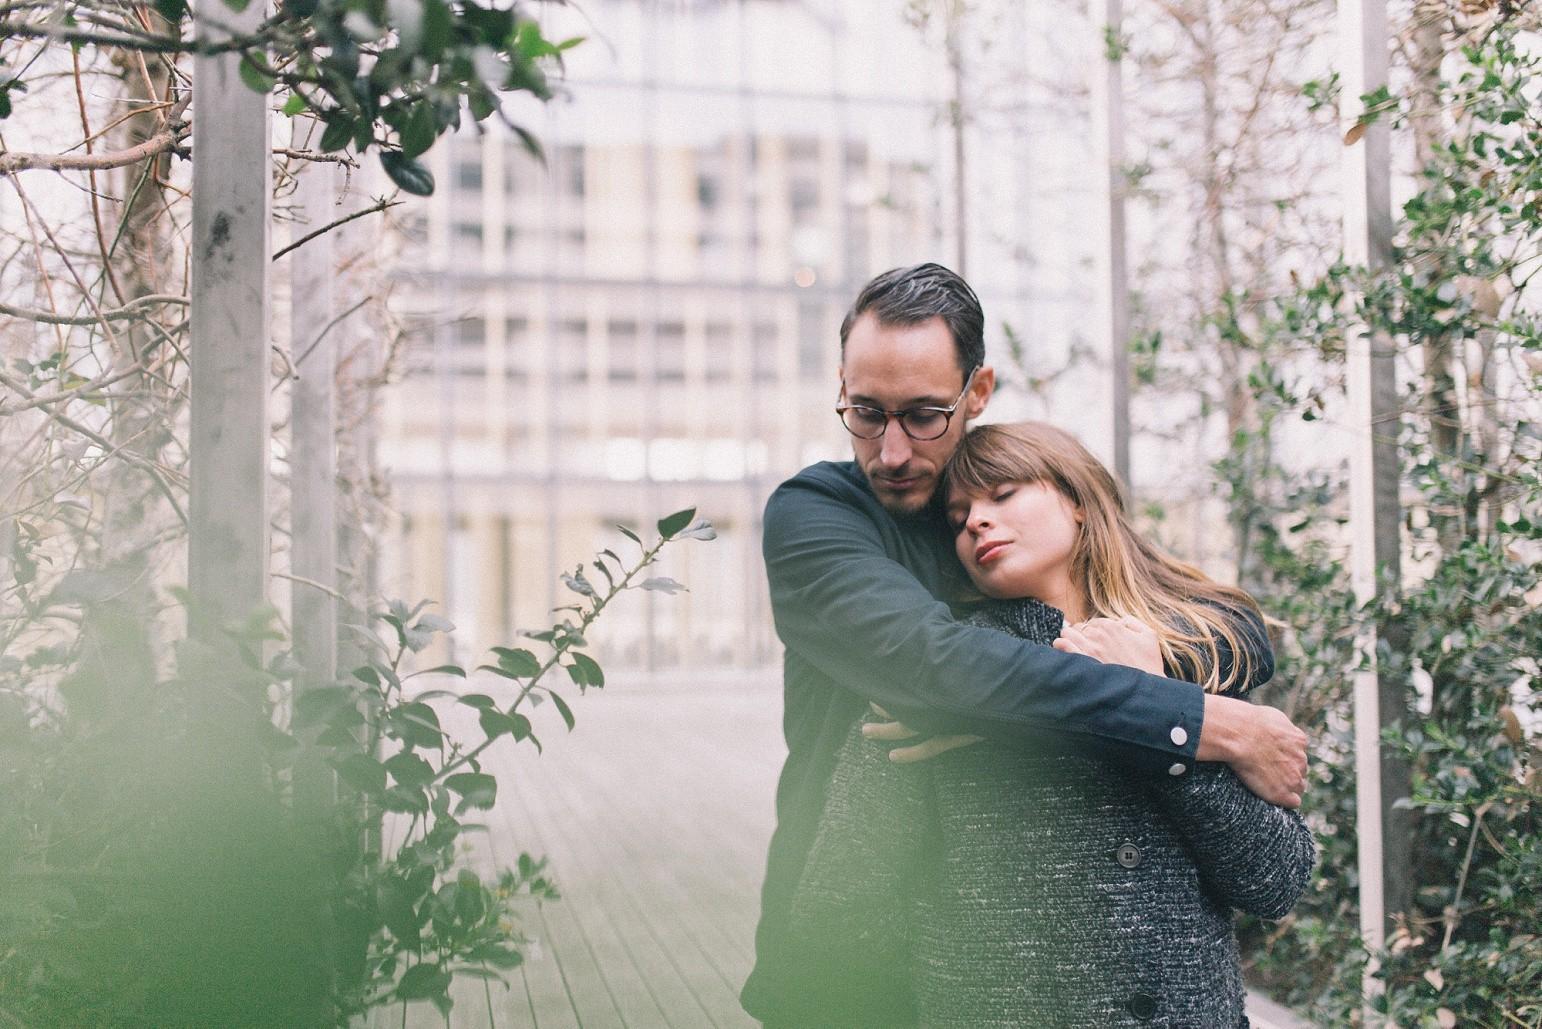 katerynaphotos-mariage-photographe-paysdelaloire-lemans-sarthe-sud_0560.jpg